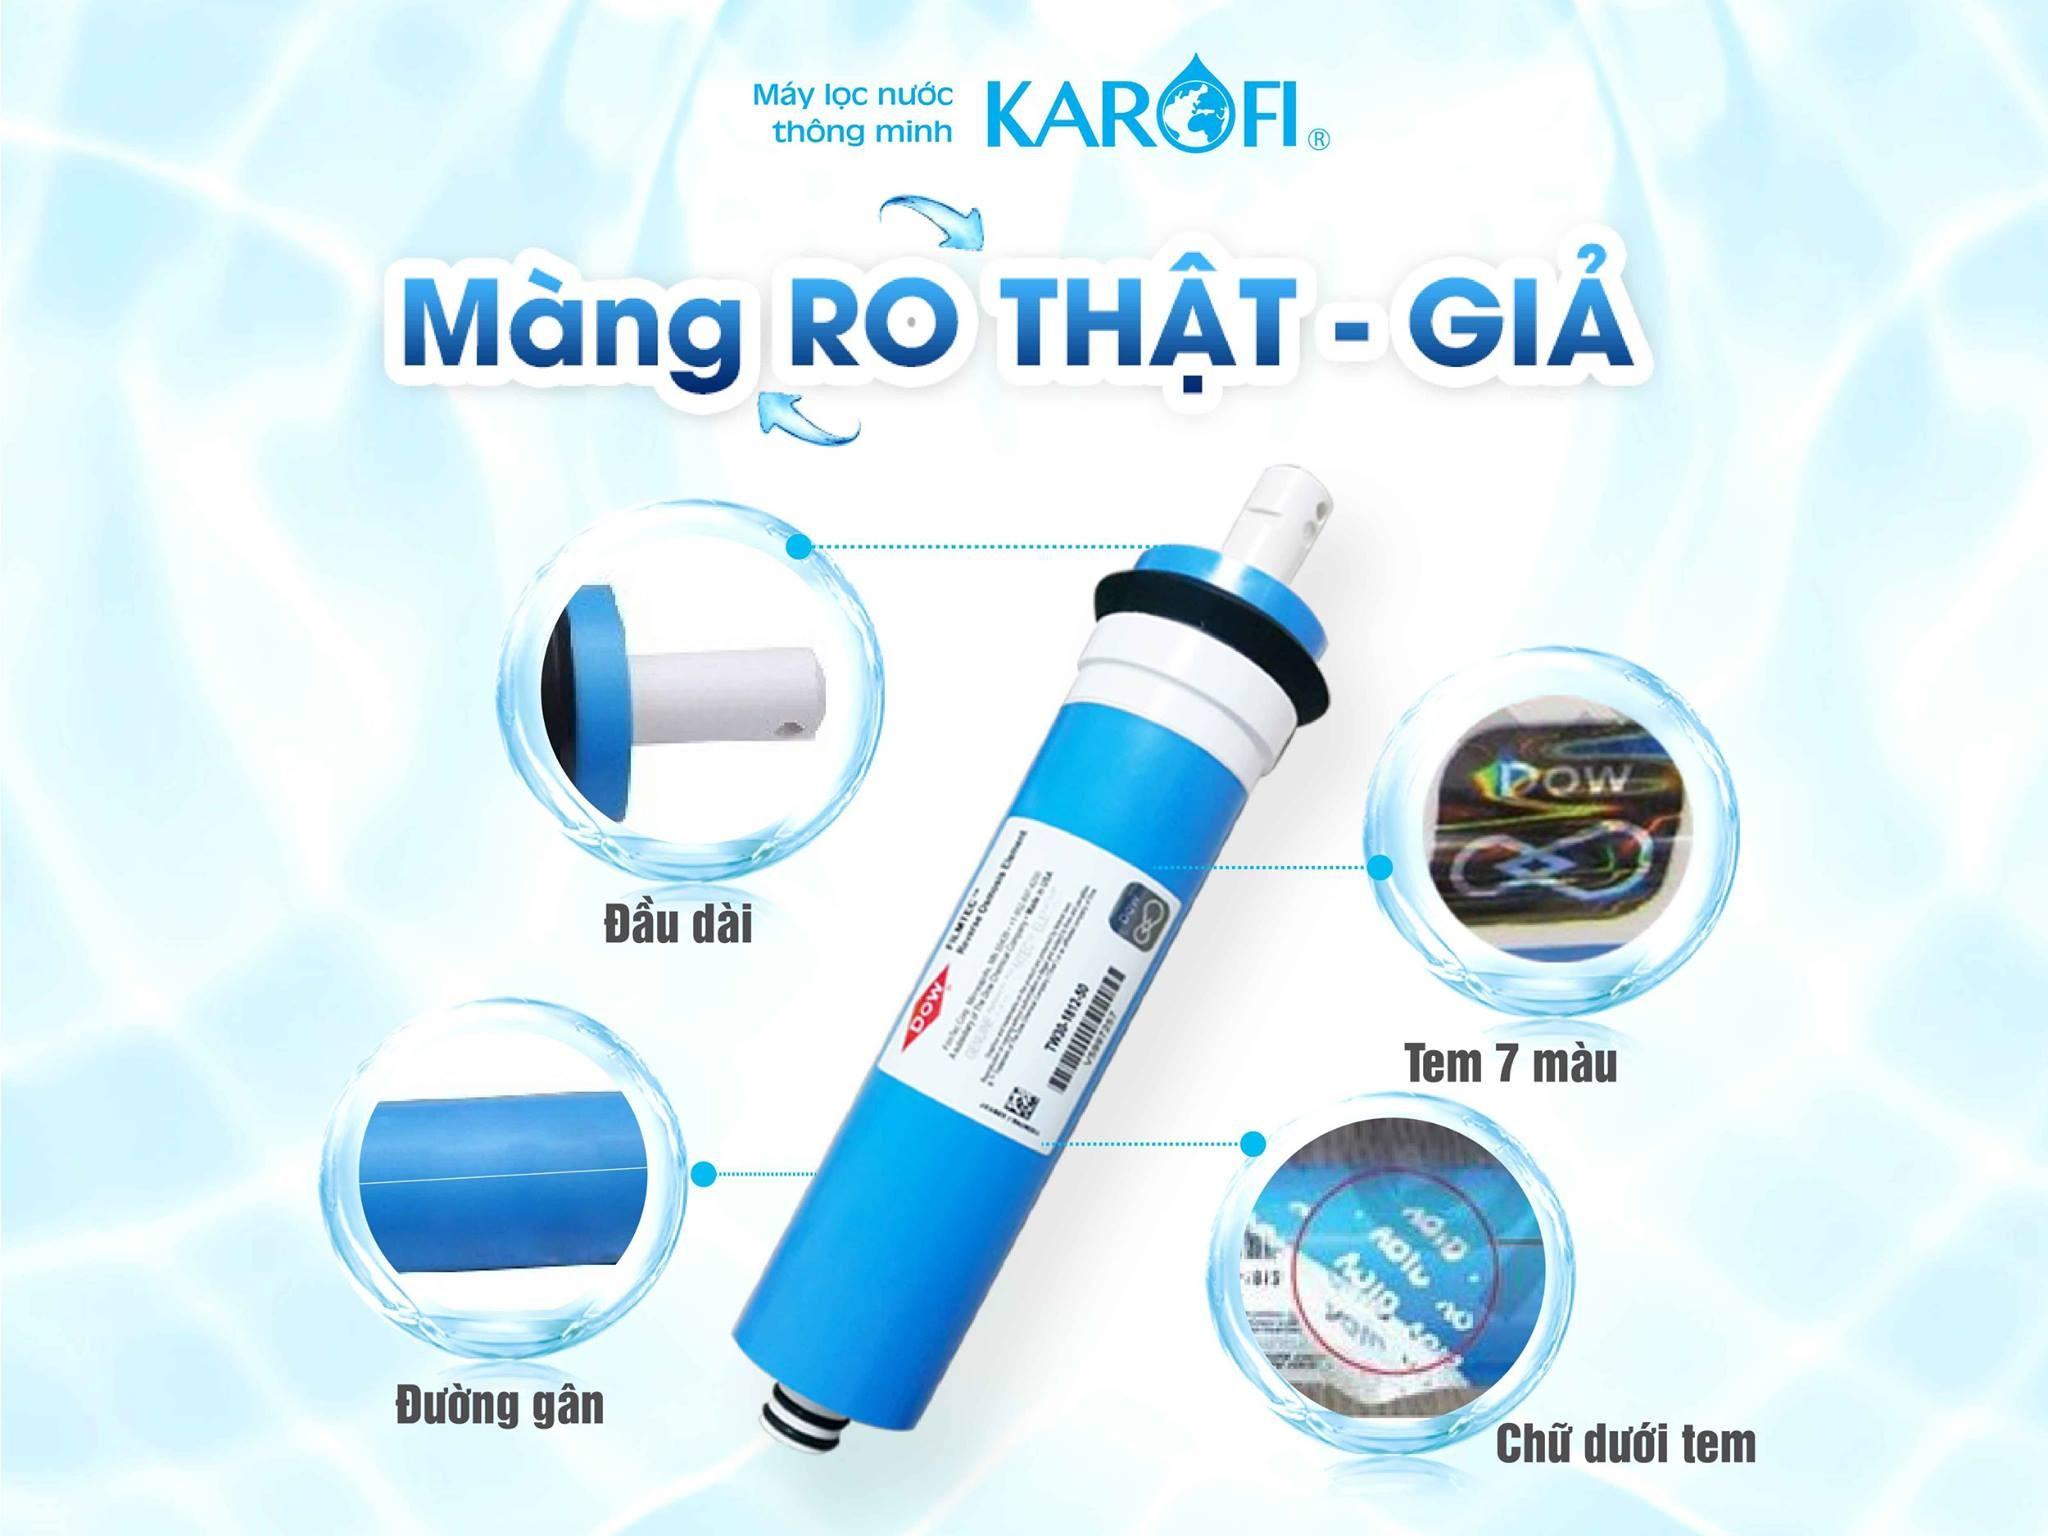 Máy lọc nước Karofi có tốt không? Mua máy lọc nước Karofi nào tốt nhất?